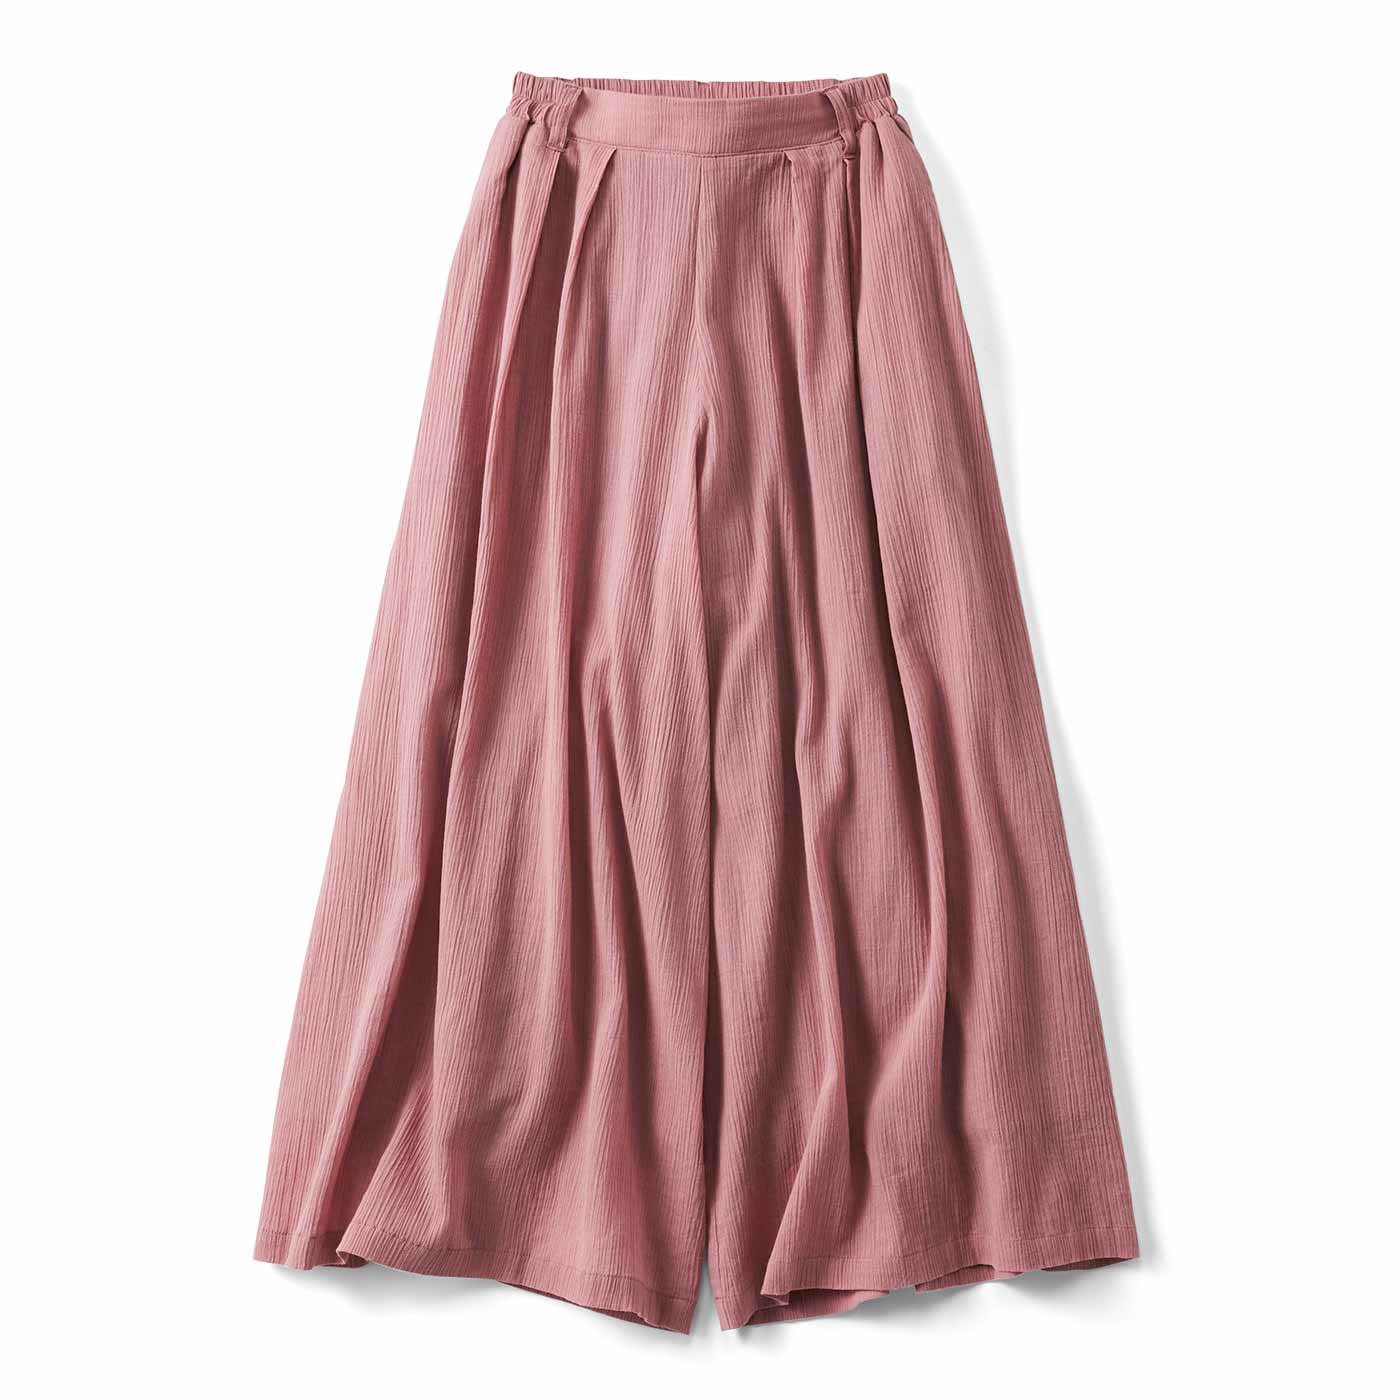 リブ イン コンフォート スカート見えする! コットン楊柳(ようりゅう)フレアーパンツ〈ピンク〉